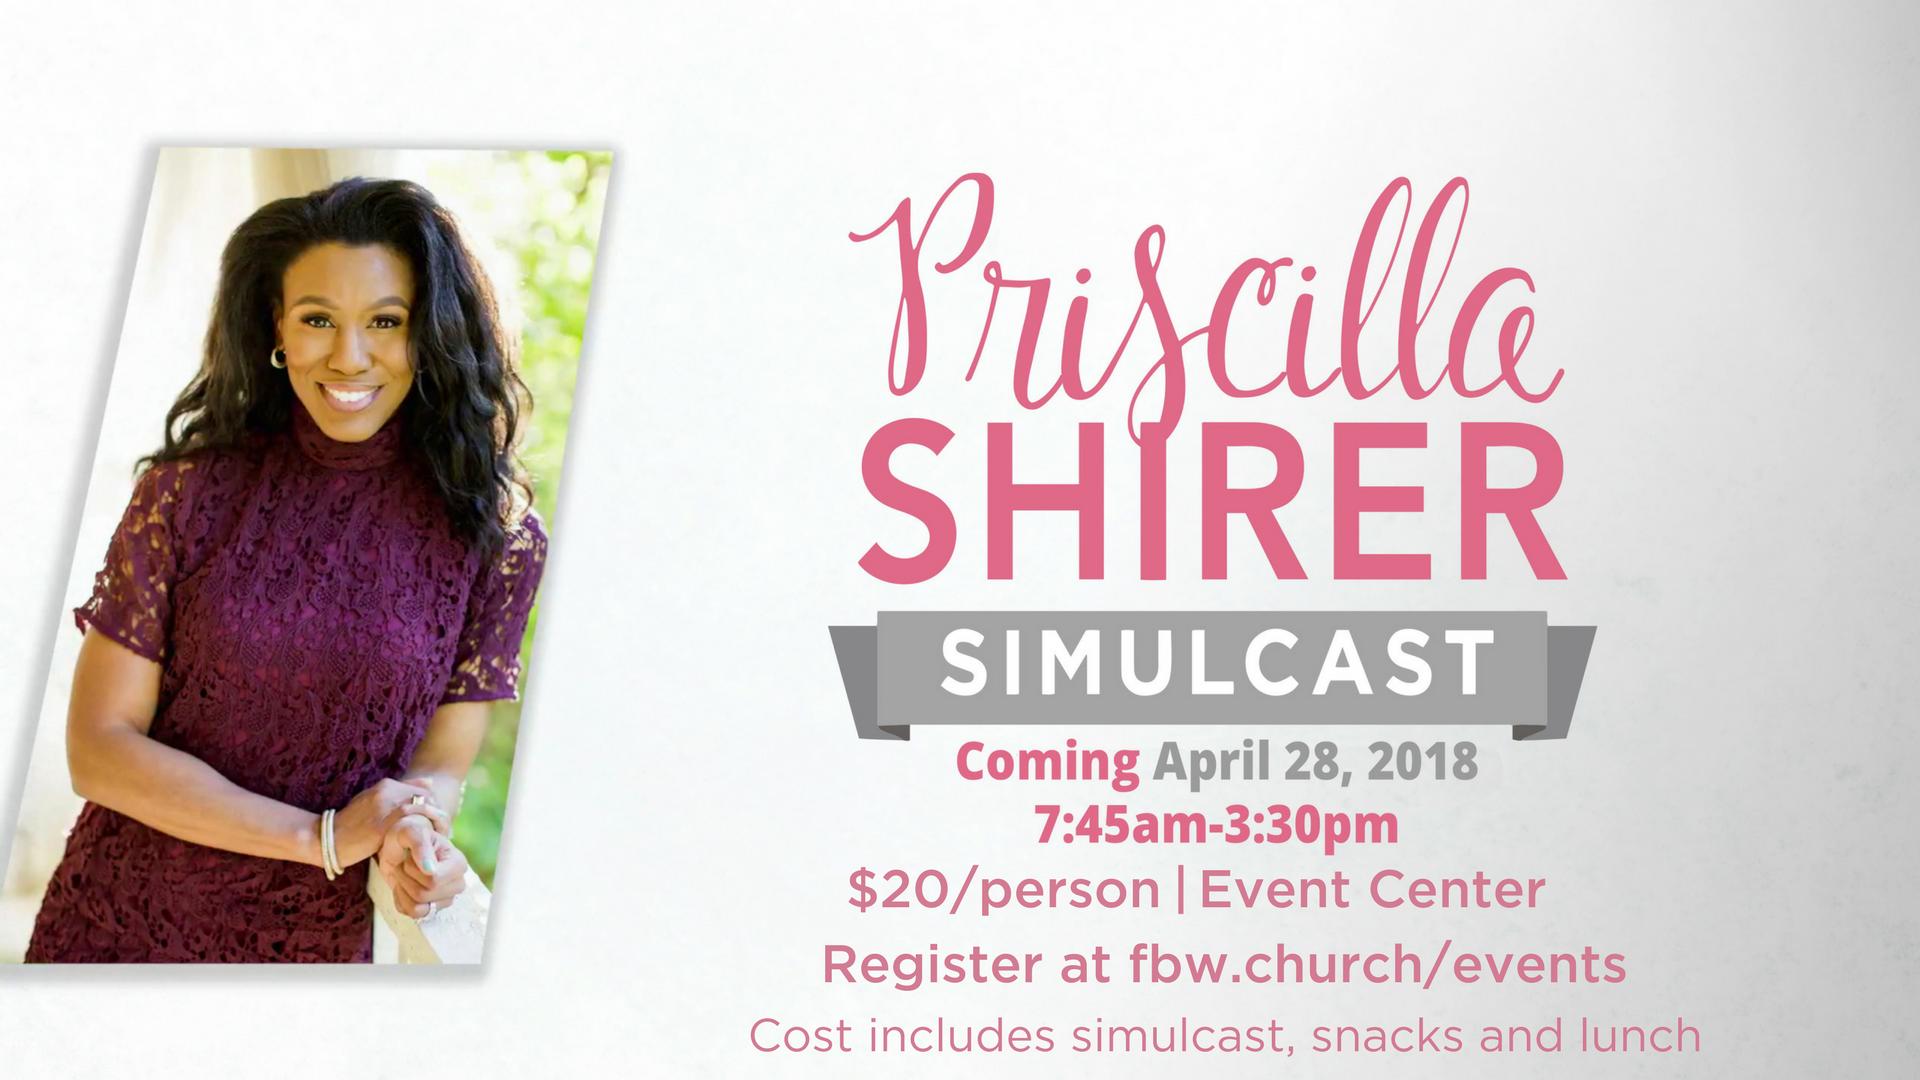 Priscilla shirer simulcast slide